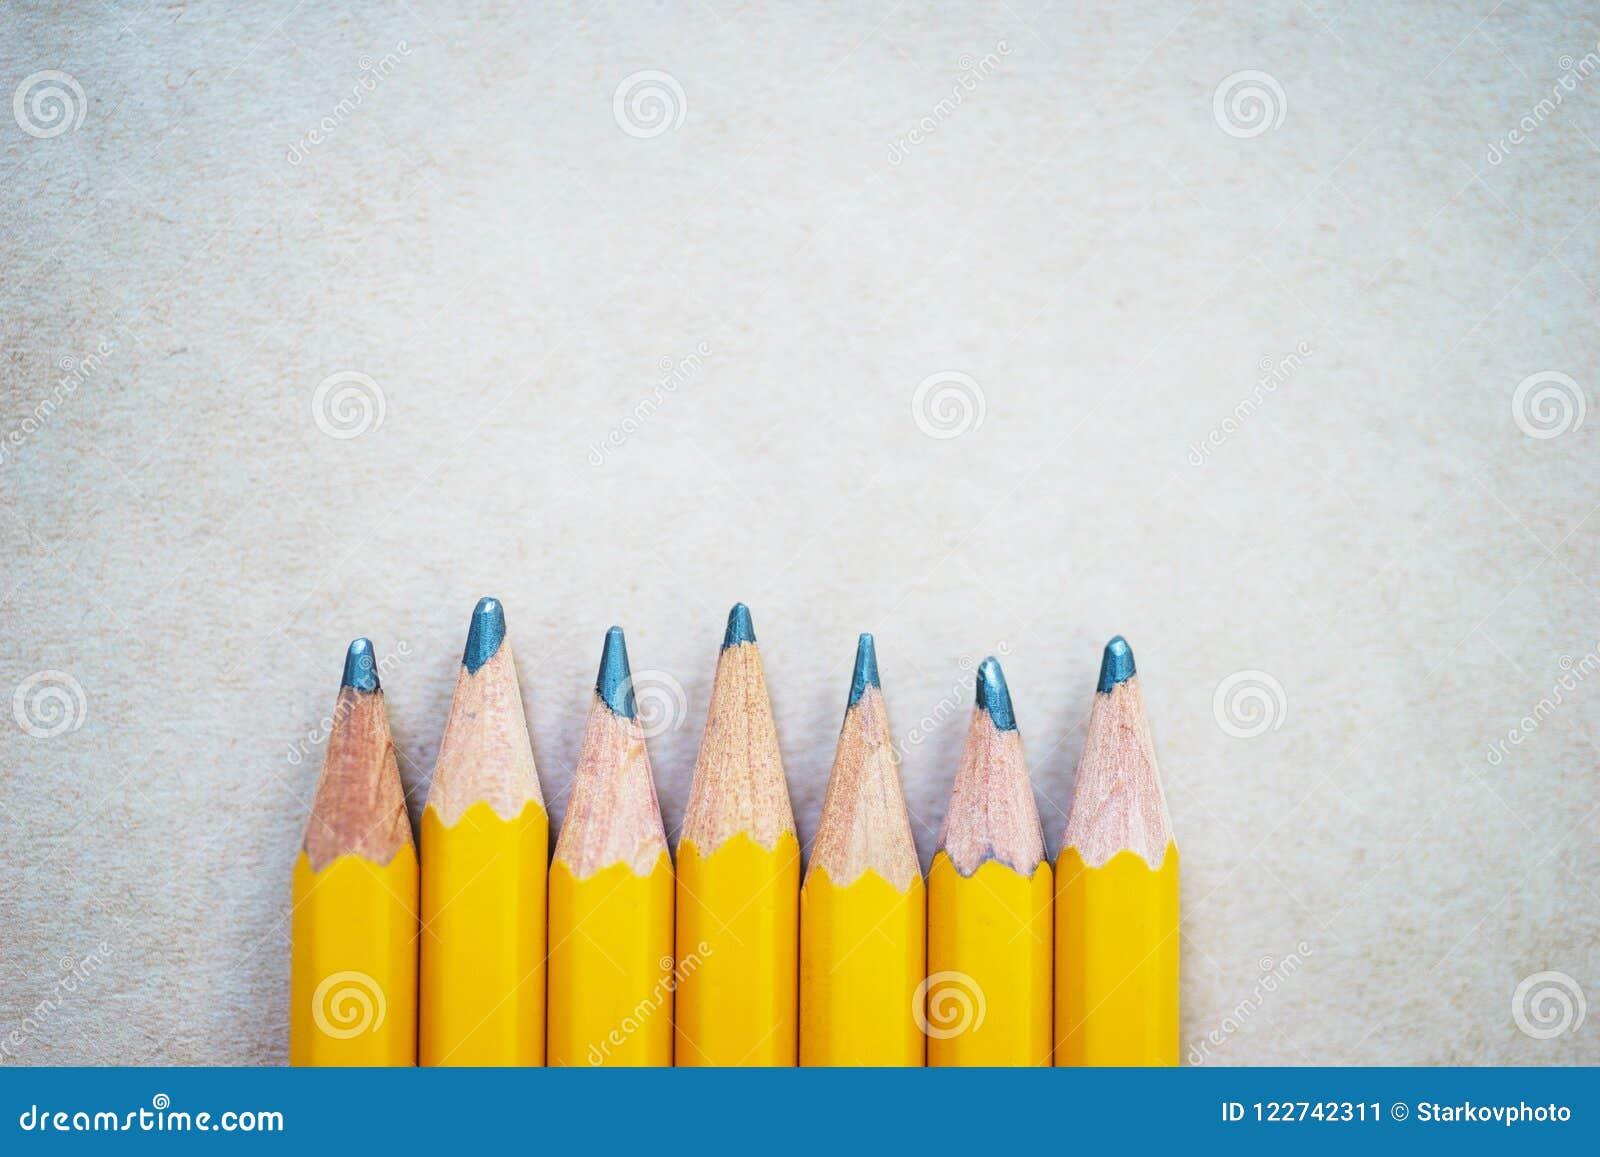 Lápis para esboçar no papel com espaço da cópia, vista superior